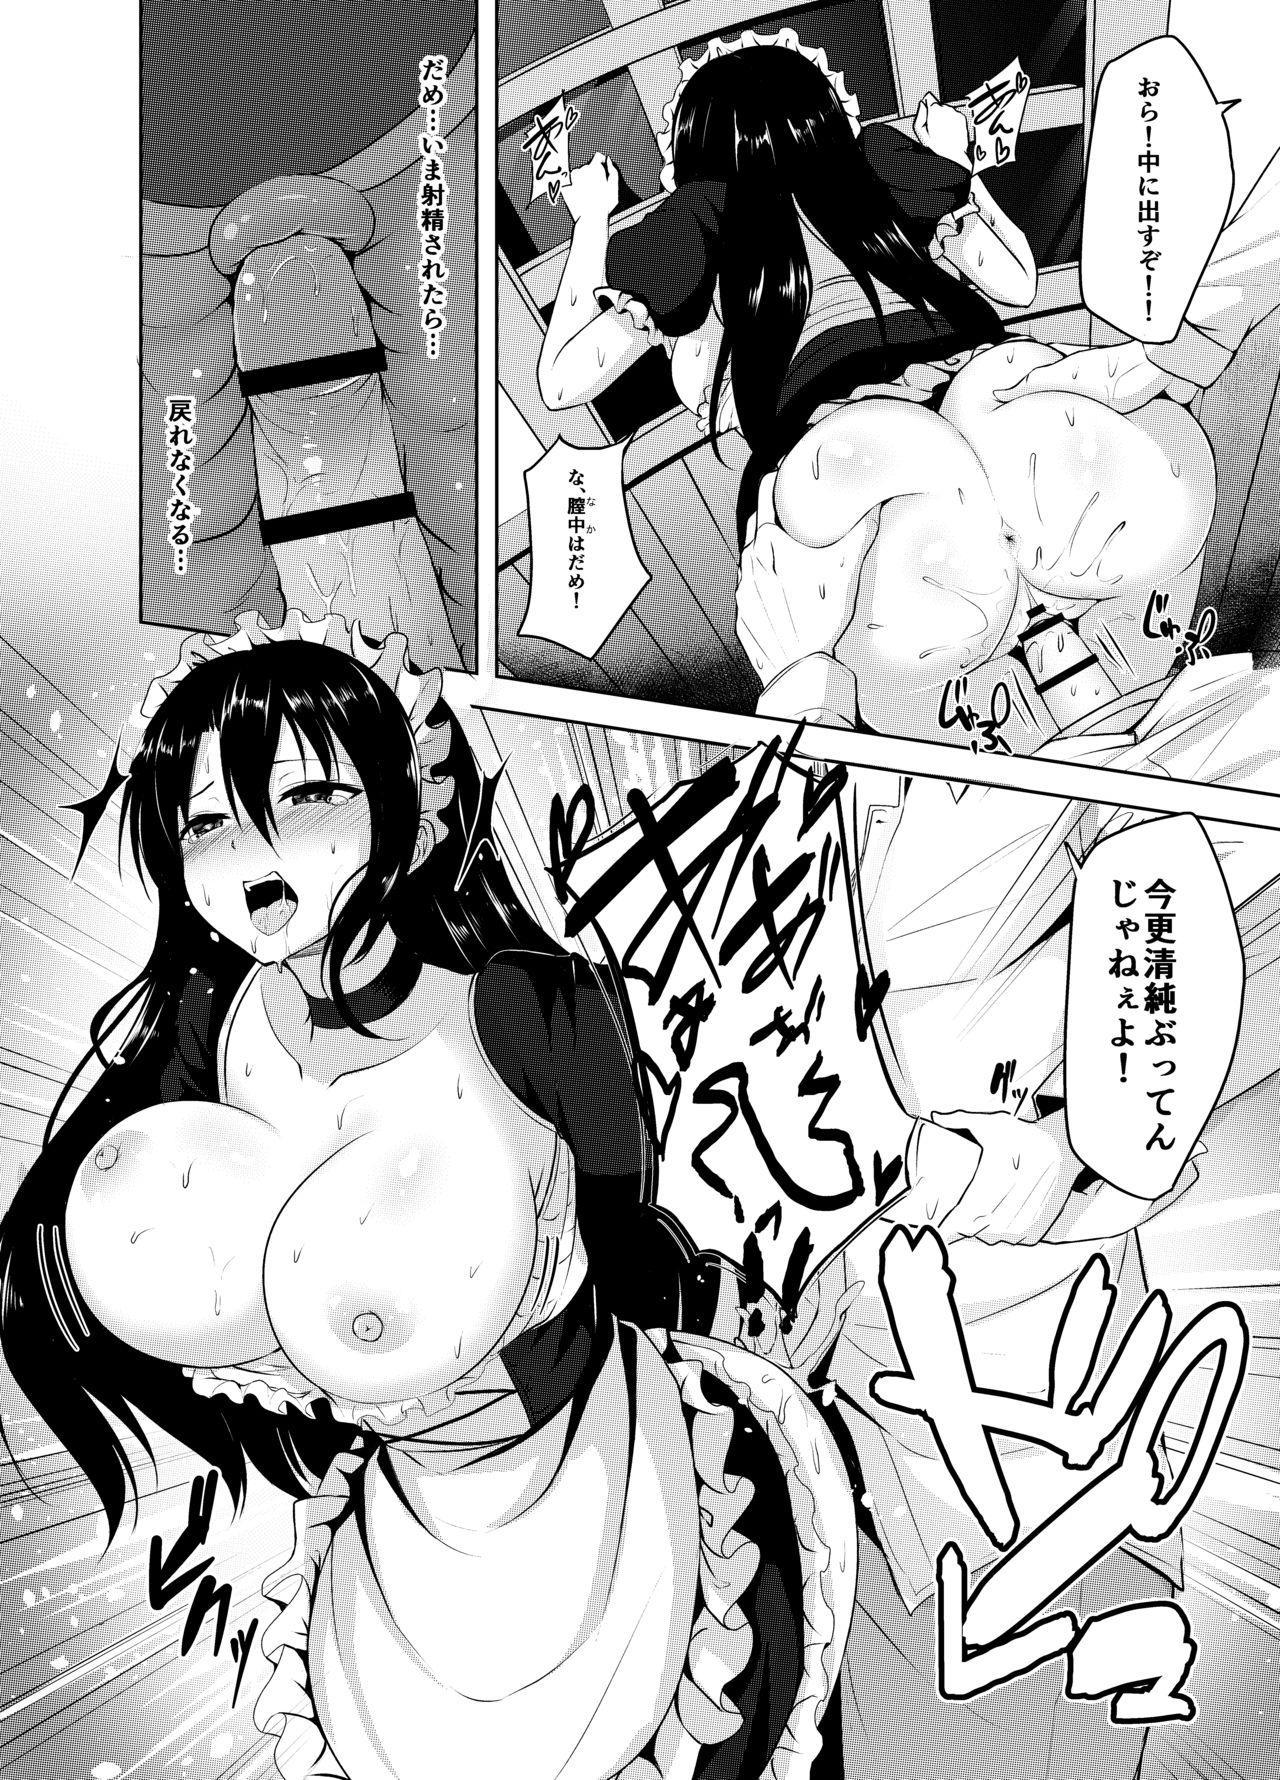 Omorashi Maid o Choukyou Shitara 14